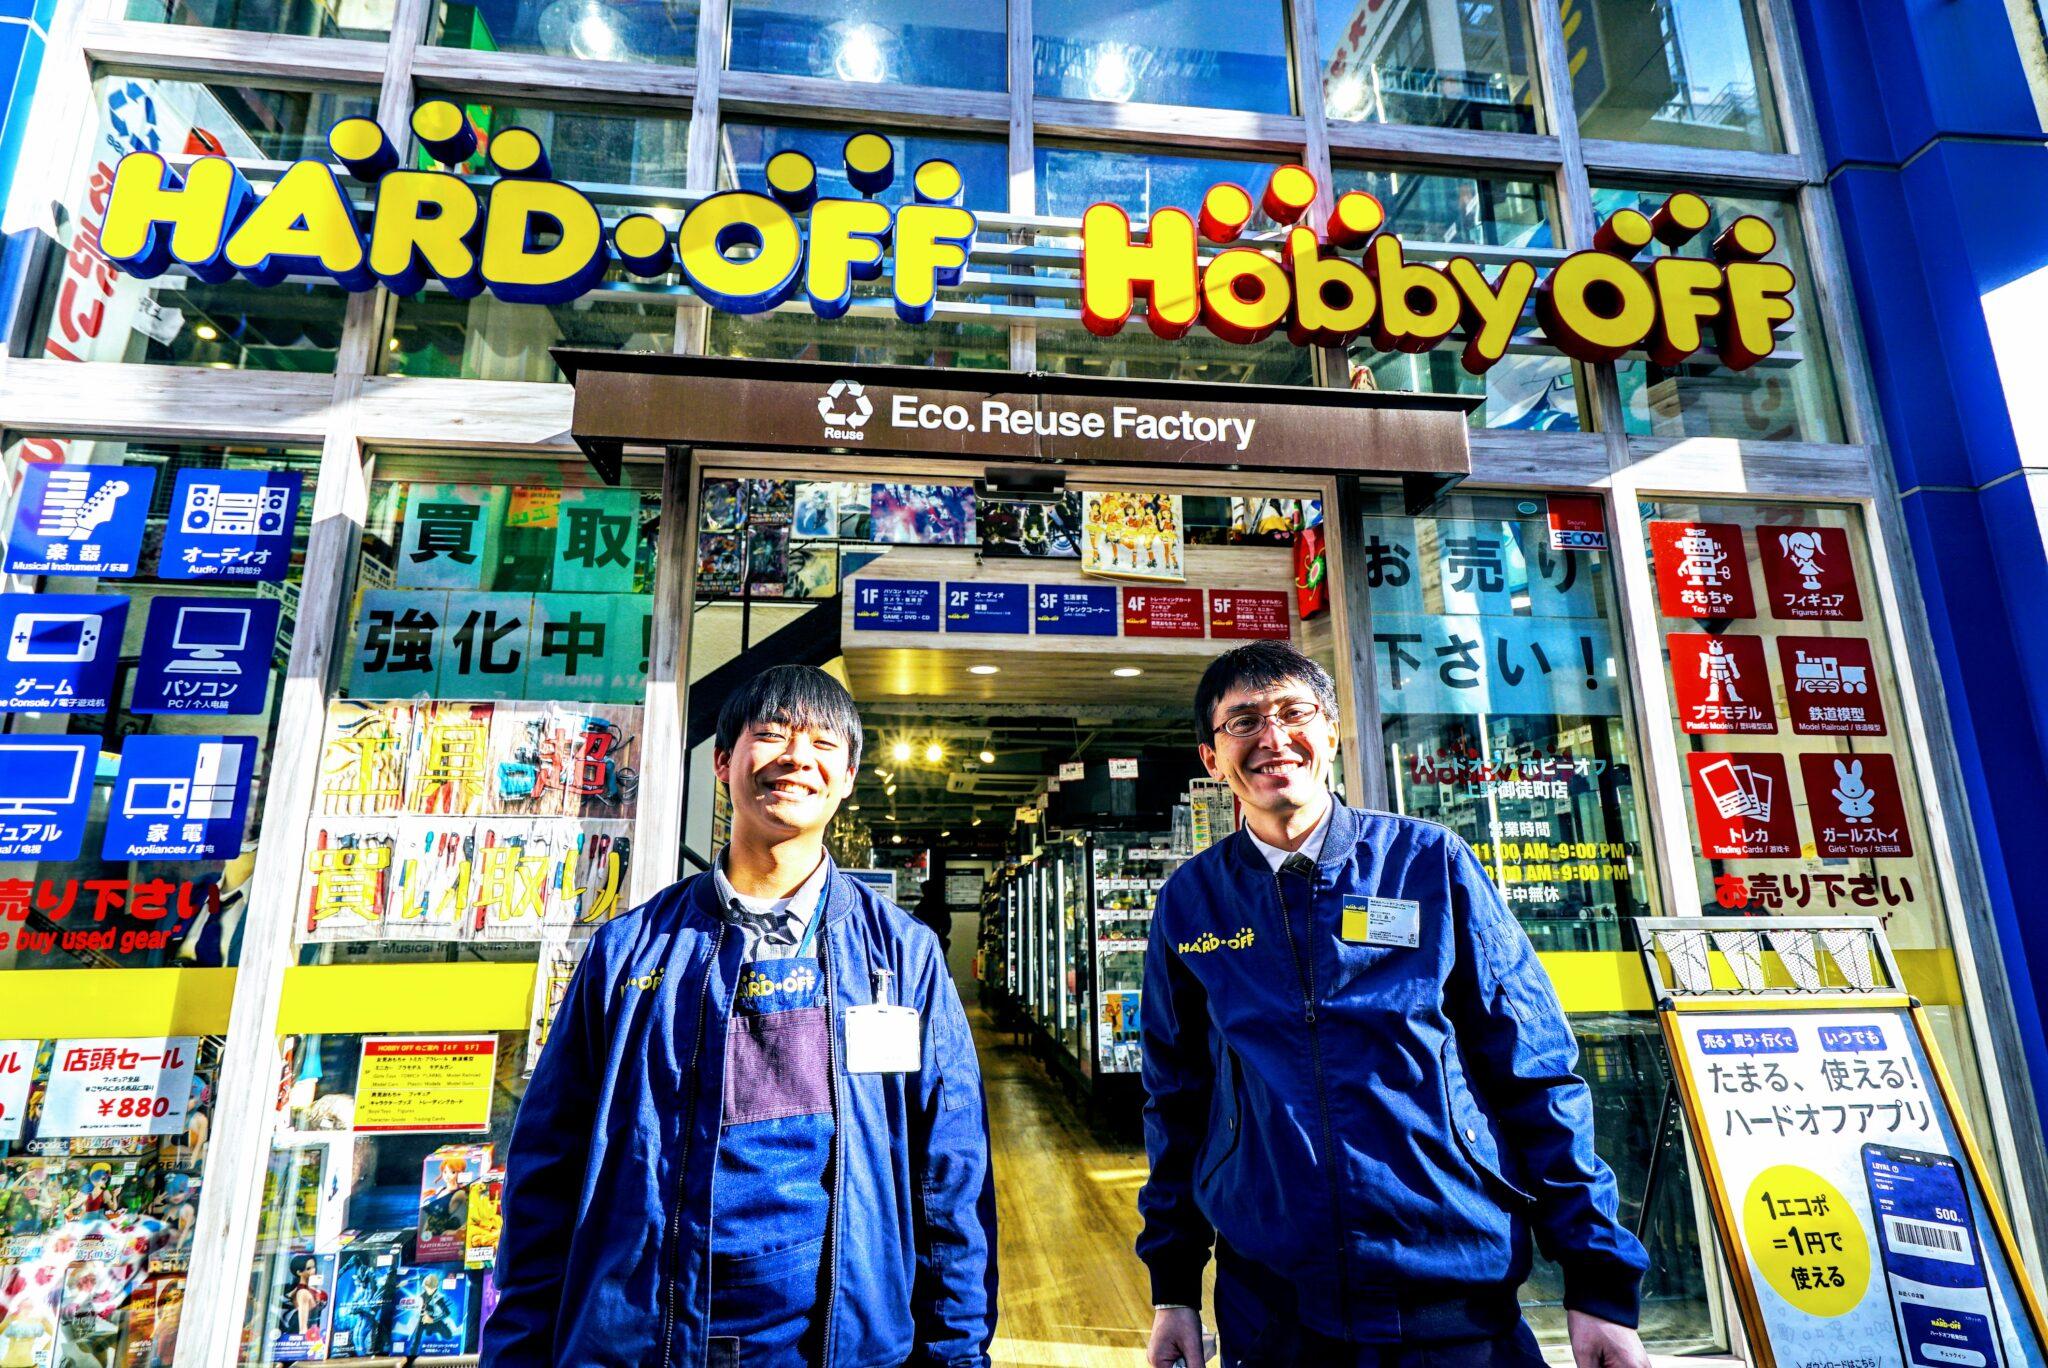 ハードオフ/ホビーオフ上野御徒町店